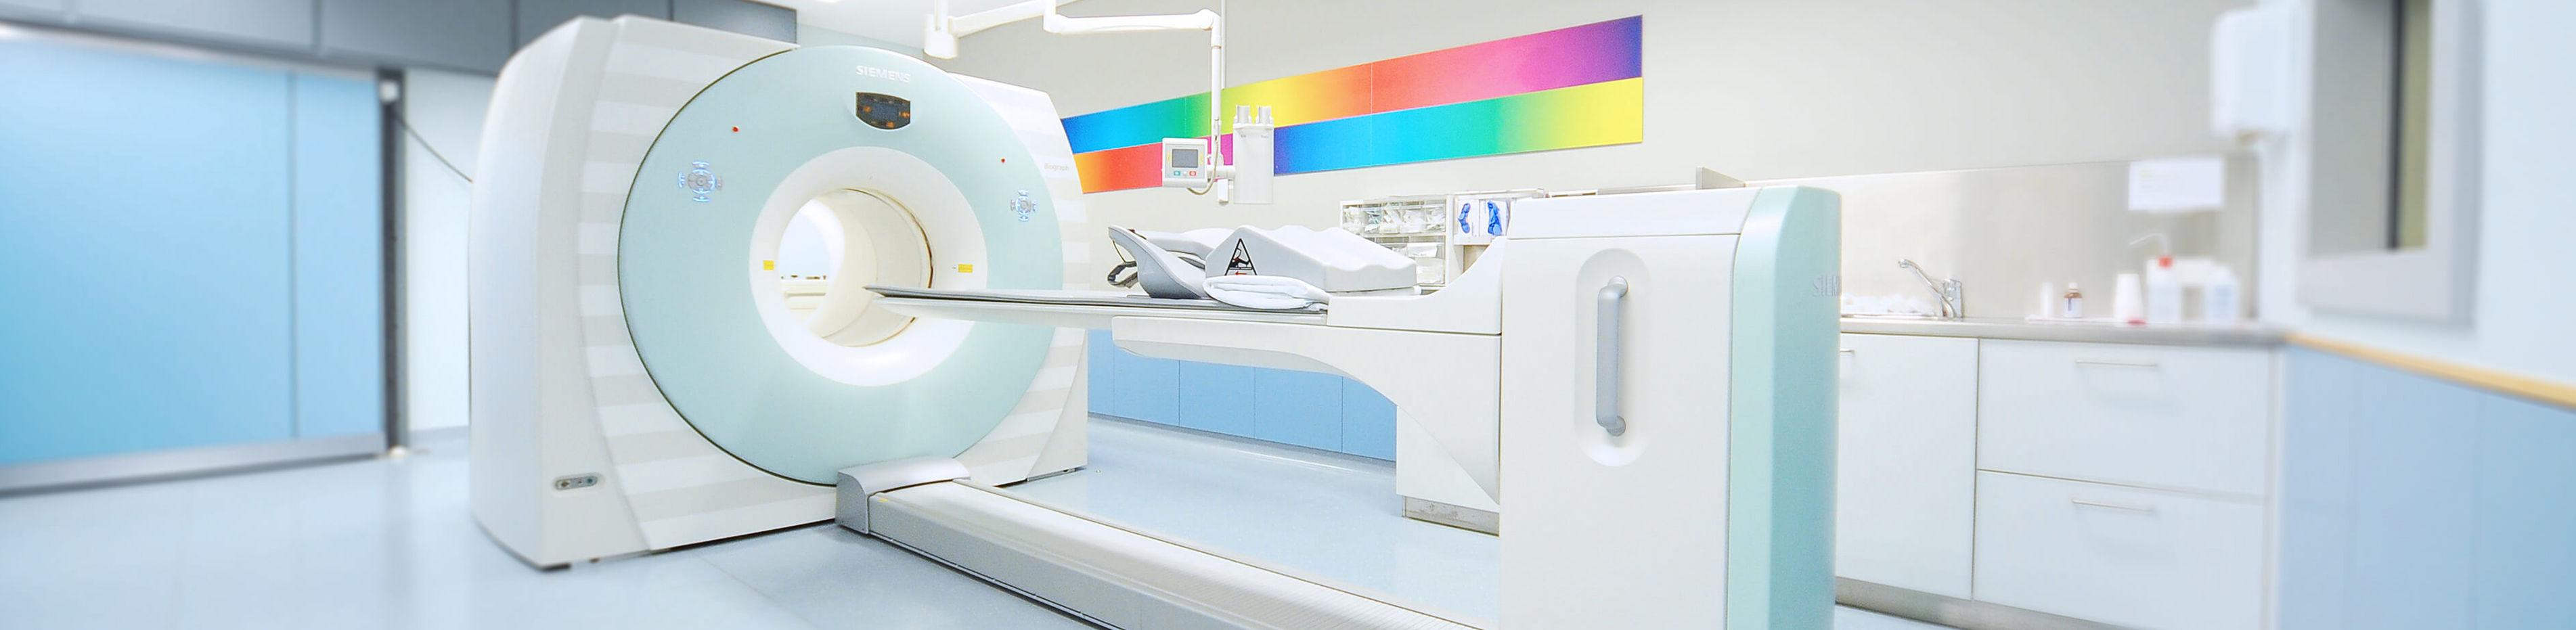 Was zeigt die Aufnahme? - PET-CT - Erkrankungen & Therapien ...